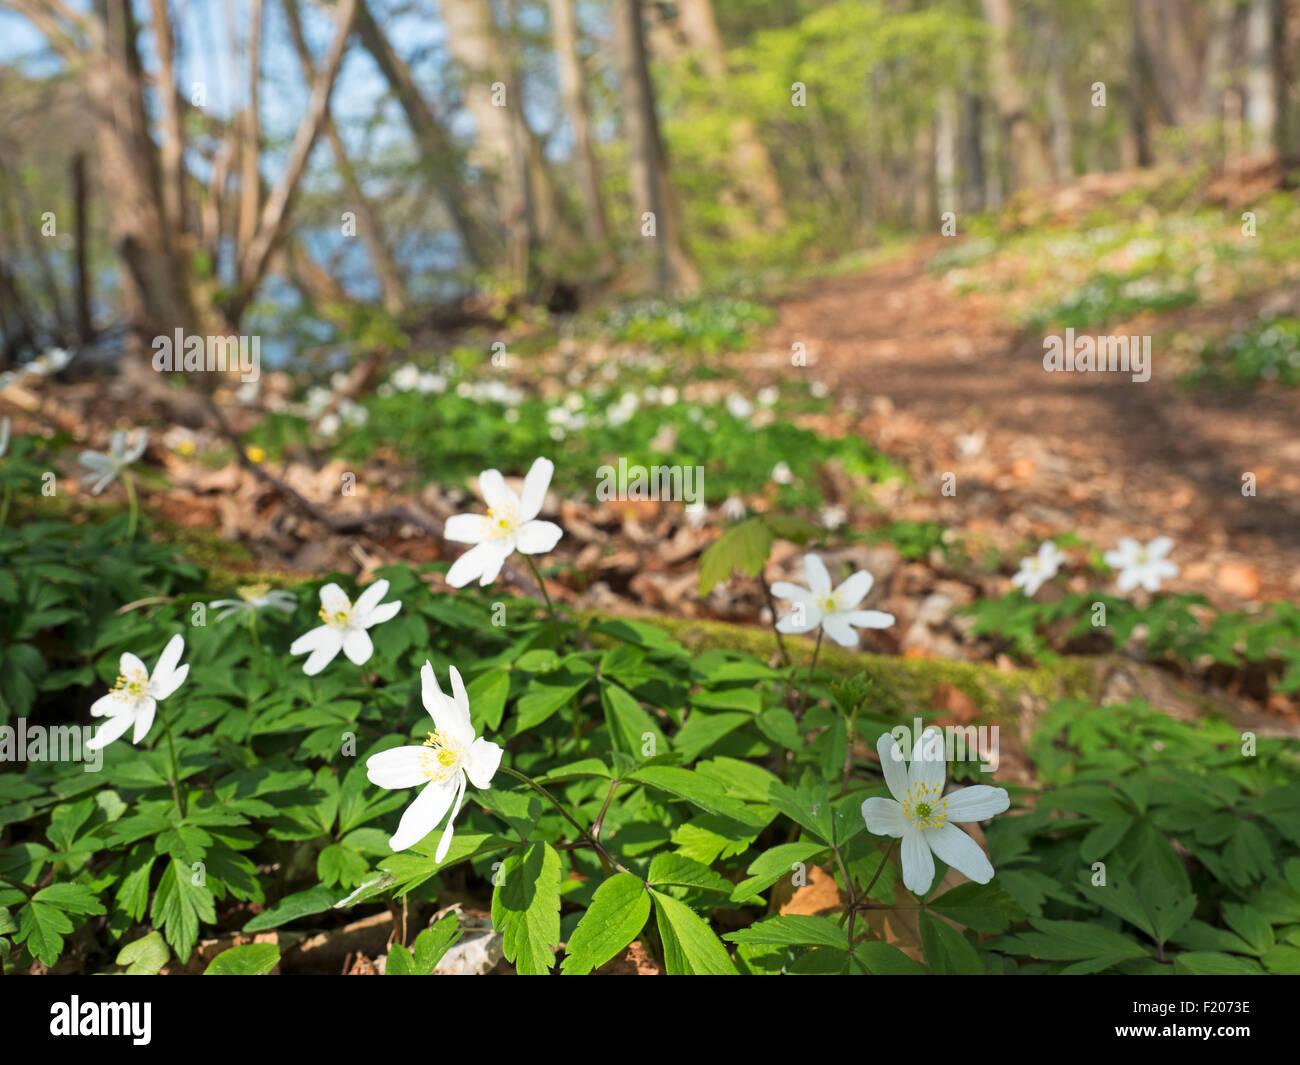 Buschwindröschen im Frühling - Stock Image